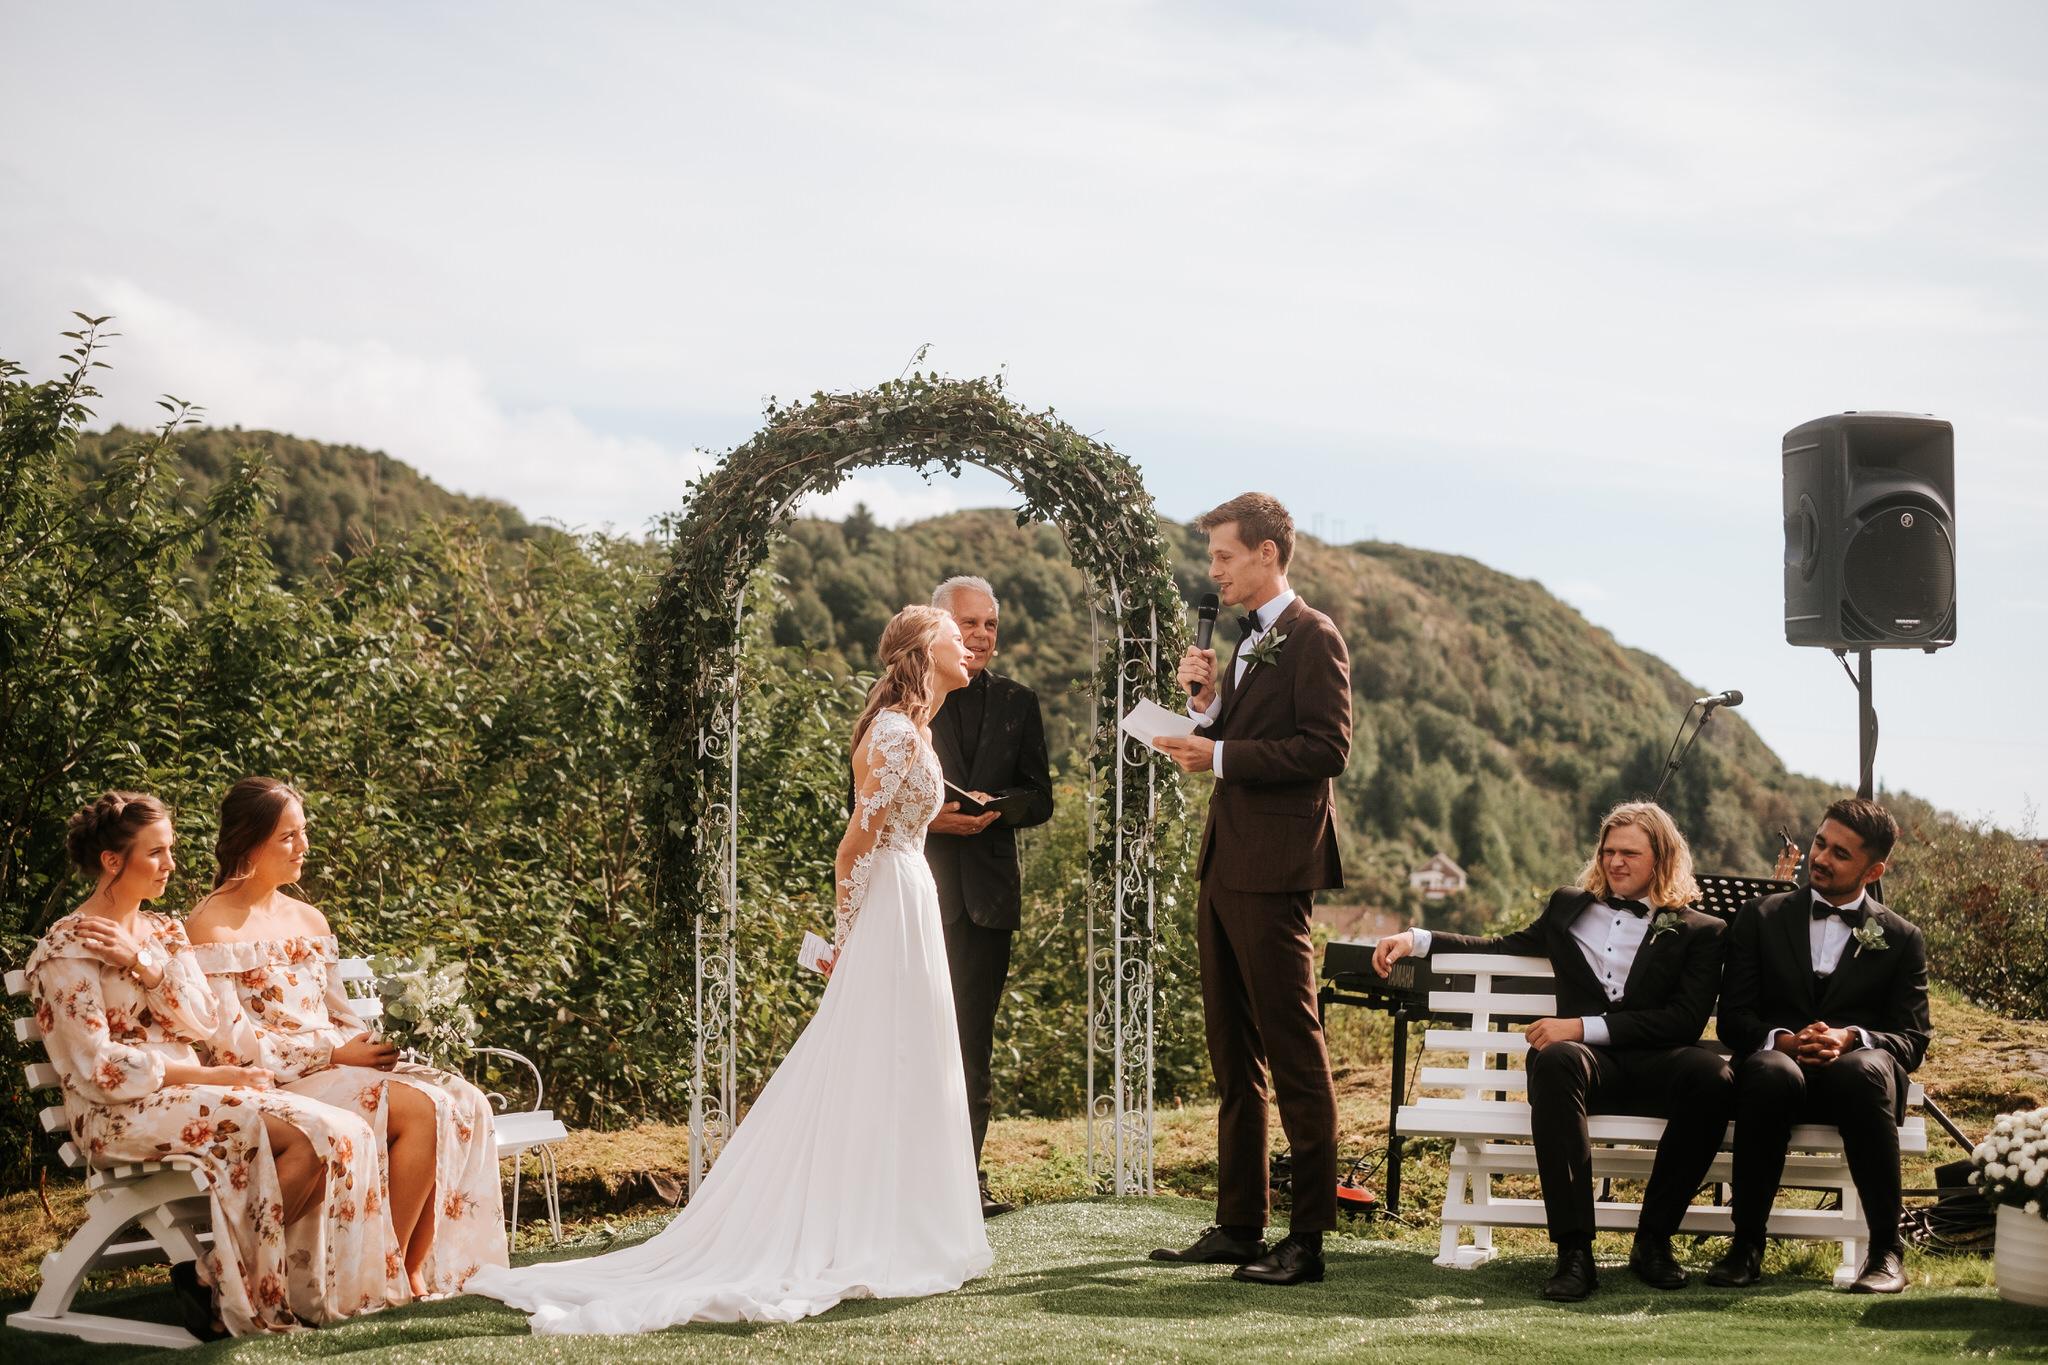 sokndal egersund bryllupsfotograf 016.JPG